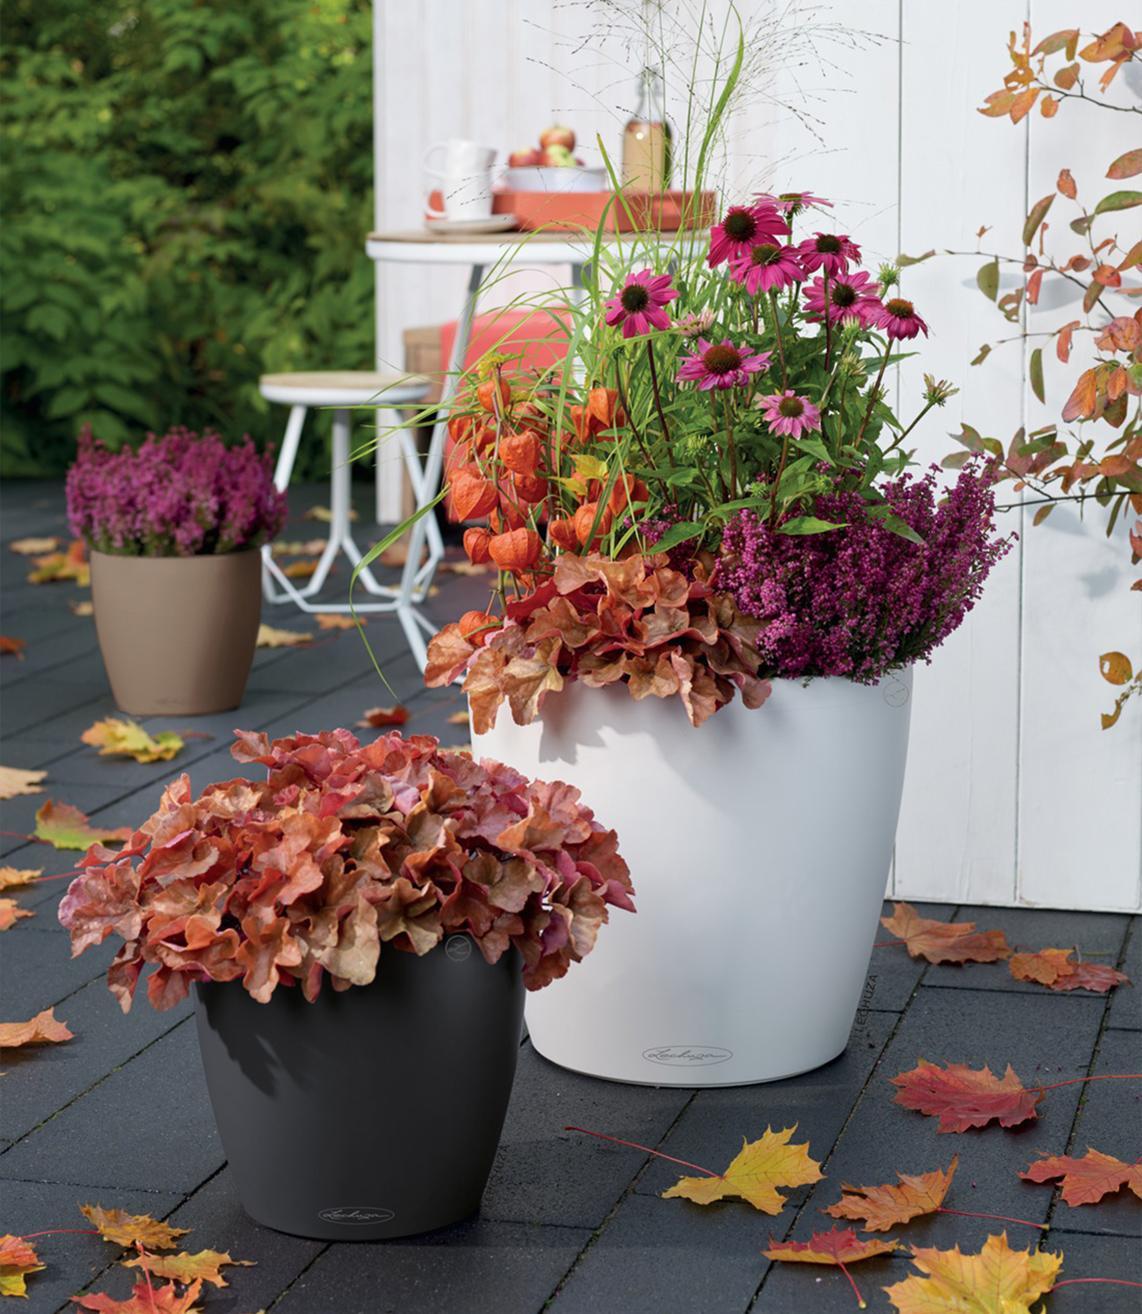 CLASSICO Color 35 und 43 mit Lampionblumen und Winterheide bepflanzt